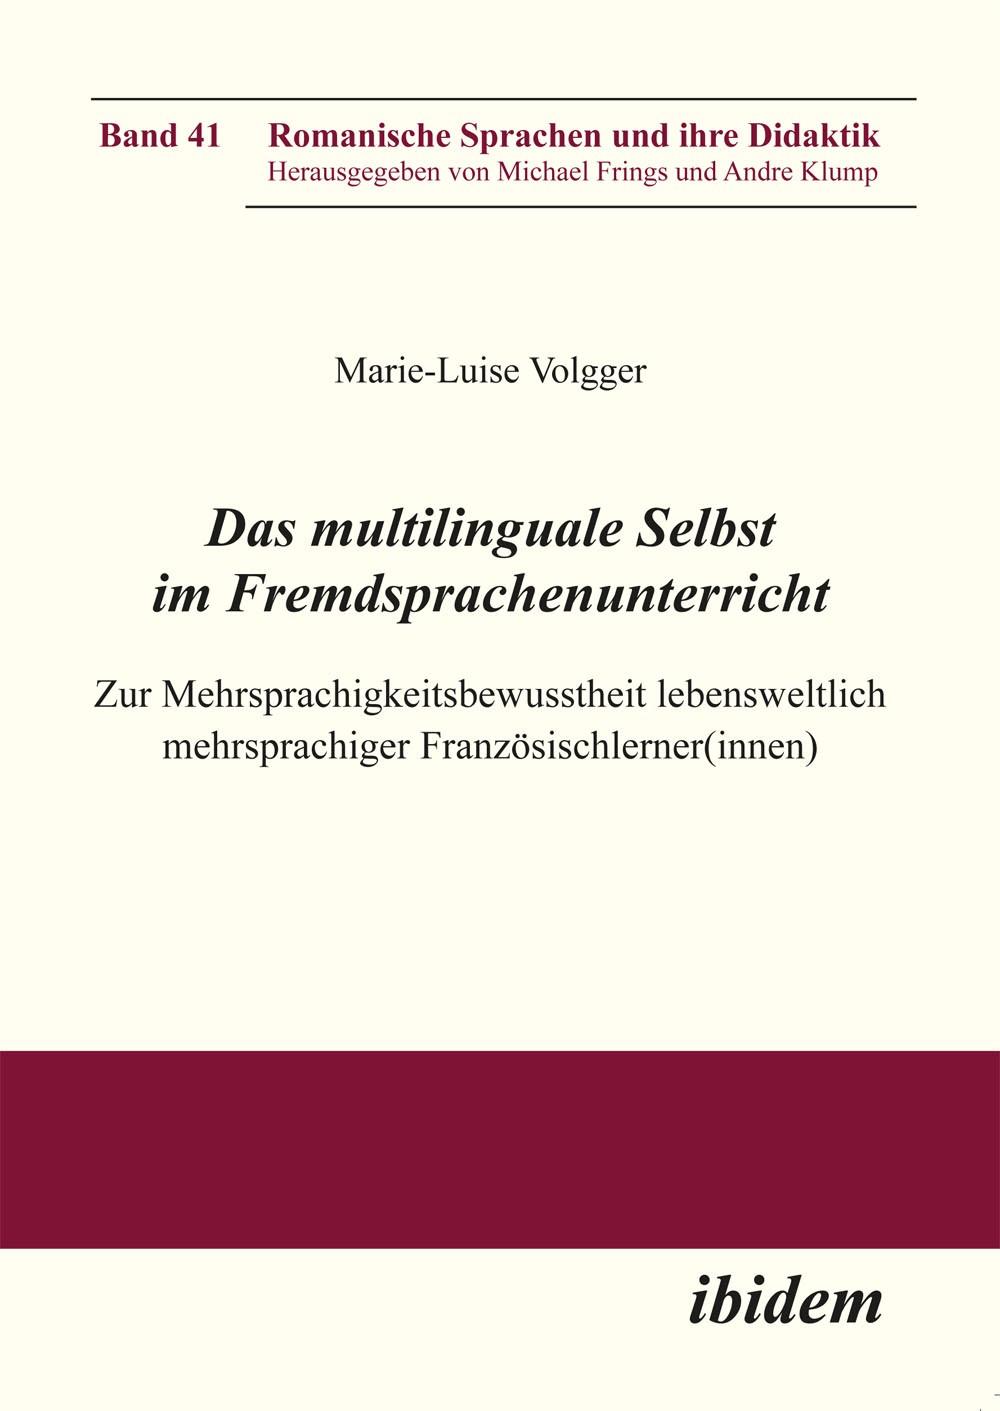 Das multilinguale Selbst im Fremdsprachenunterricht